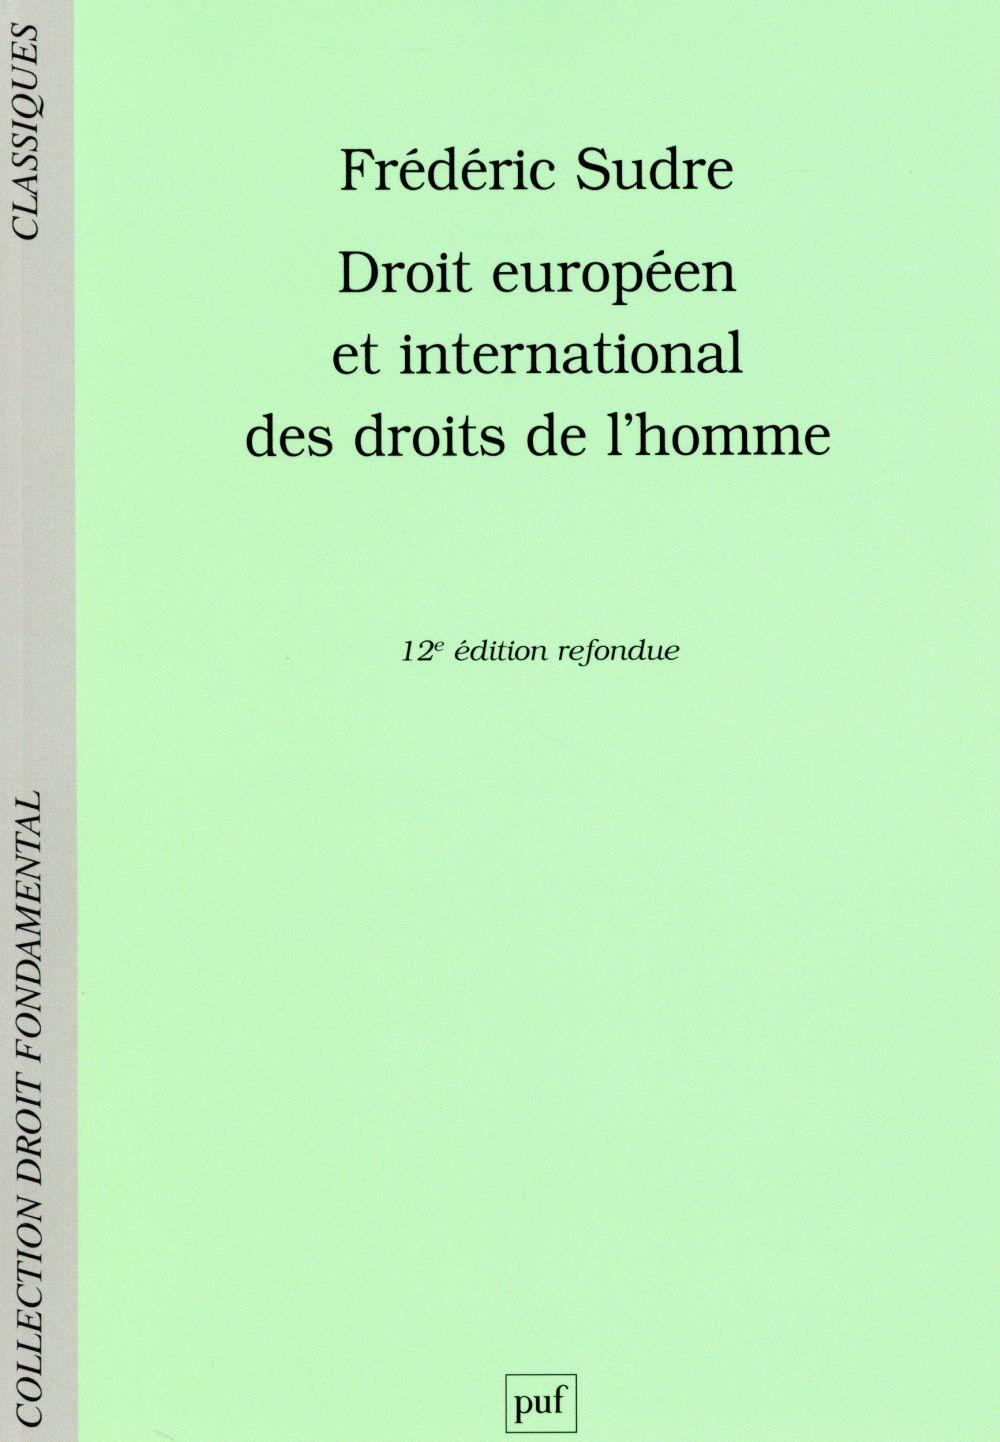 DROIT EUROPEEN ET INTERNATIONAL DES DROITS DE L'HOMME (12ED)